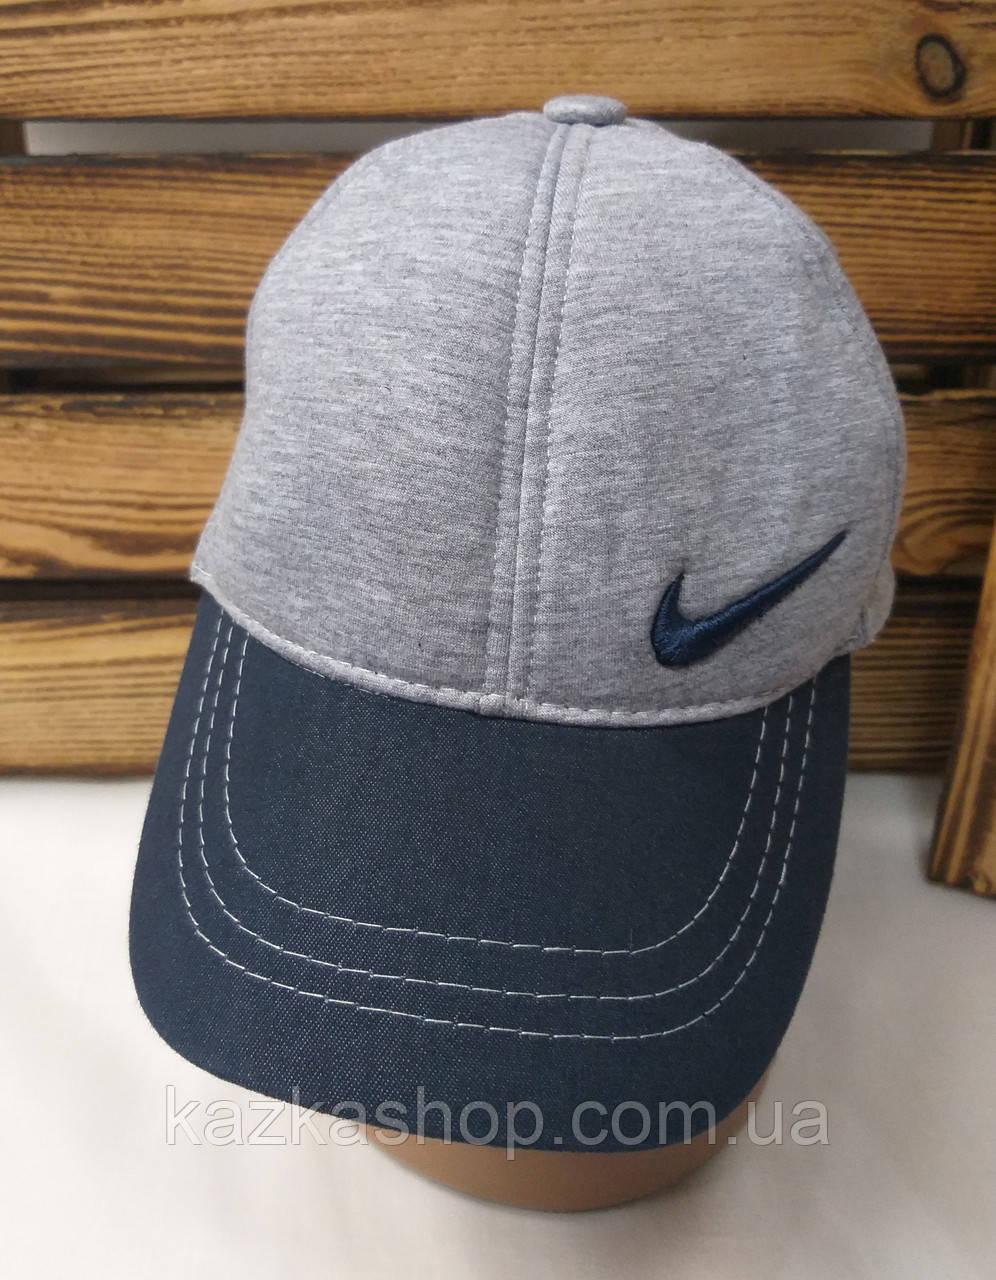 Мужская кепка в стиле Nike (реплика), серого цвета, трикотаж сезон весна-лето малая вышивка с регулятором